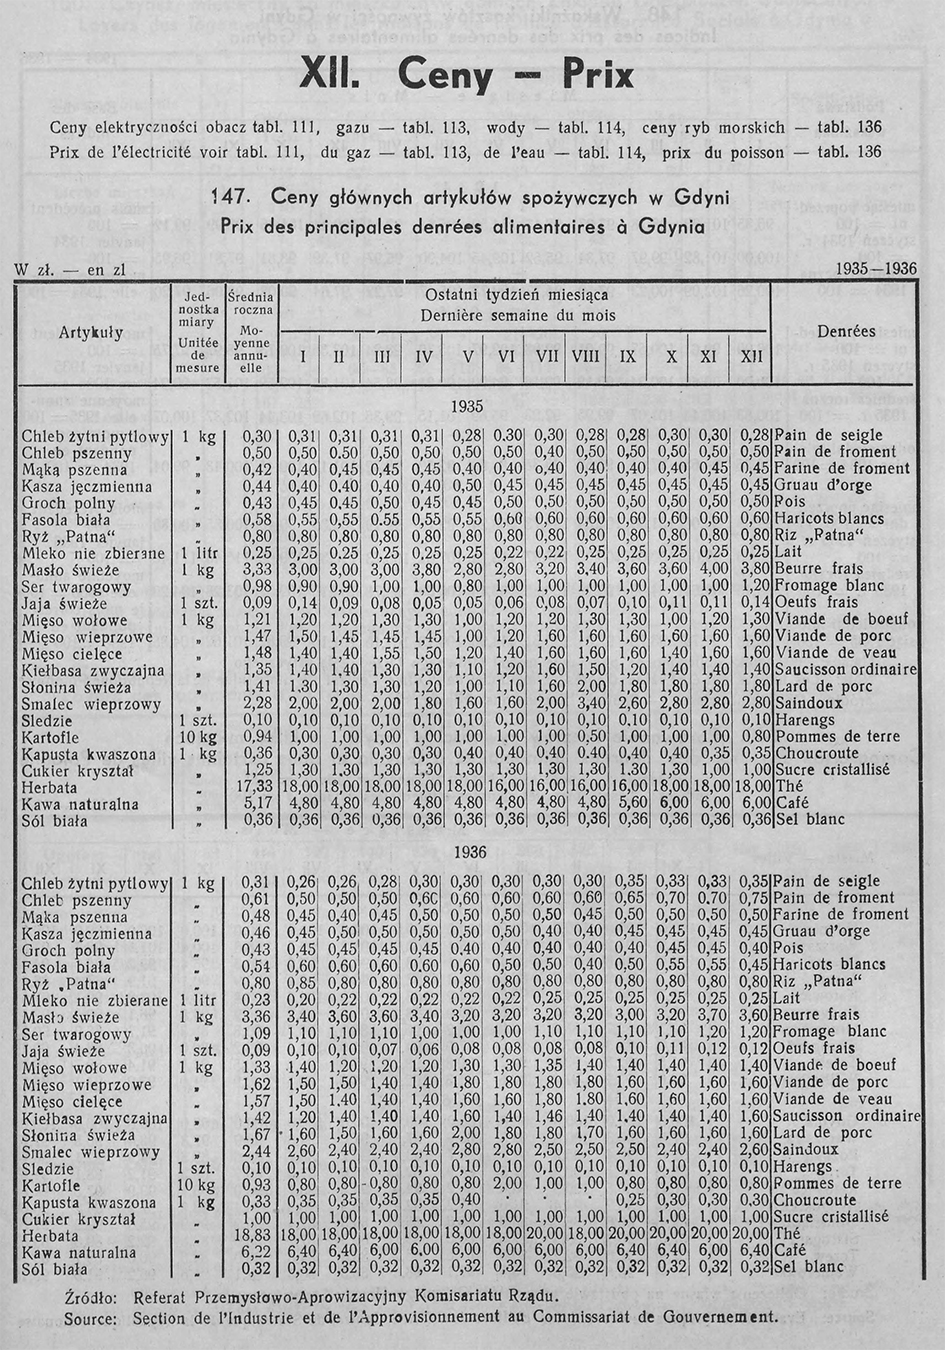 Ceny, [W:] Rocznik Statystyczny Gdyni 1937-1938 // Redakcja Bolesław Polkowski Kierownik Biura Statystycznego. – Referat Statystyczny Komisarjatu Rządu w Gdyni, Gdynia, 1938